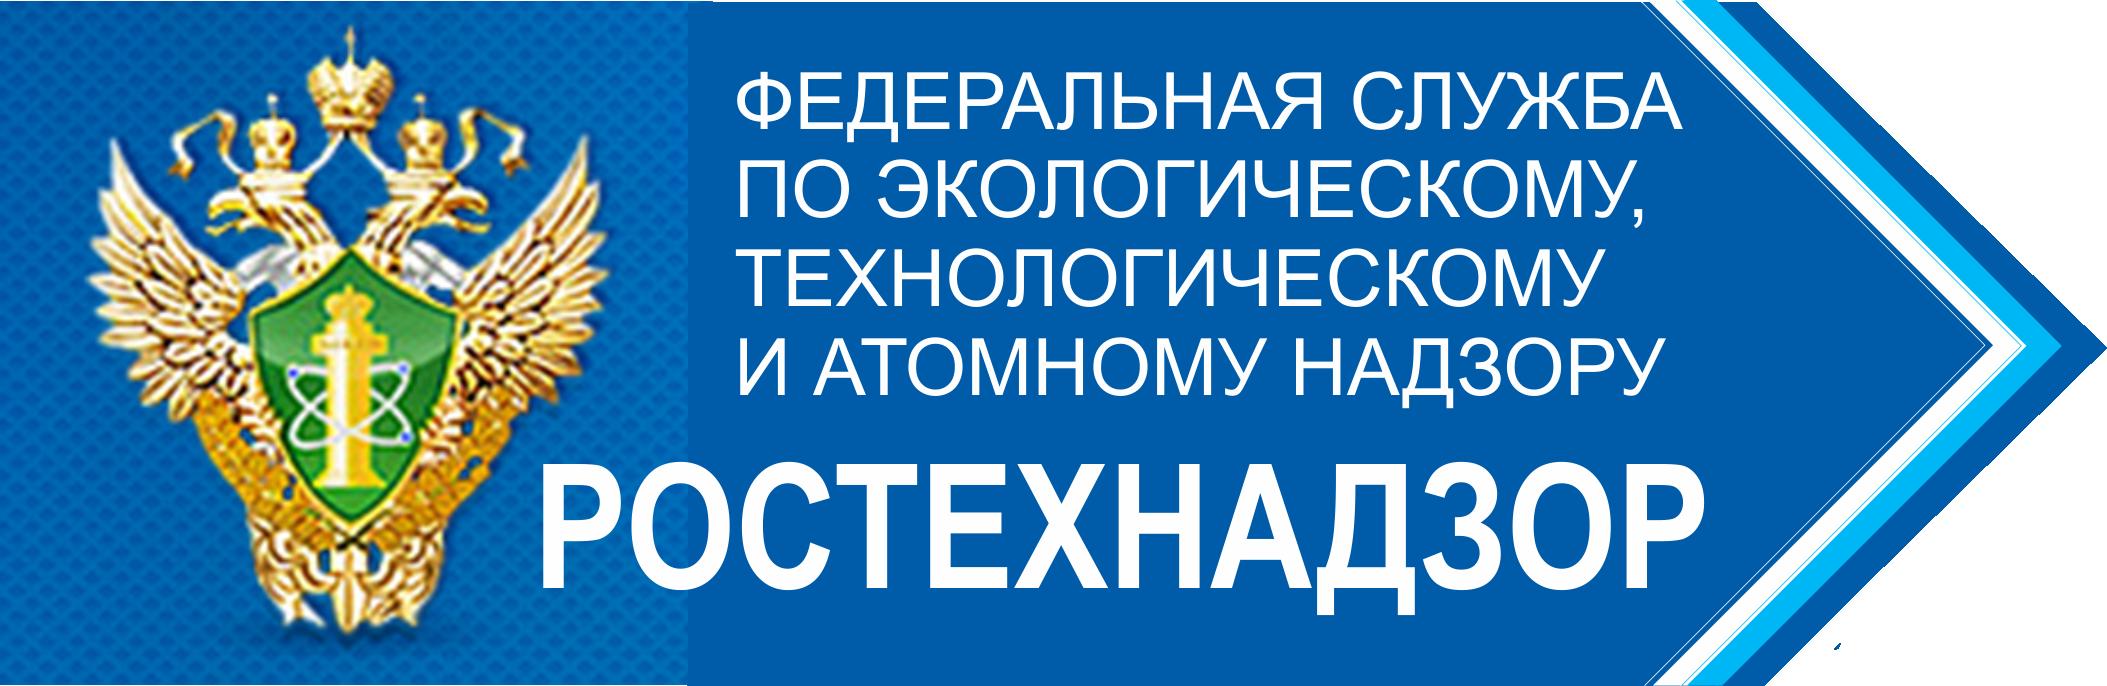 Ростехнадзор разъясняет: порядок проверки знаний по электробезопасности в случае истечения 3-х лет